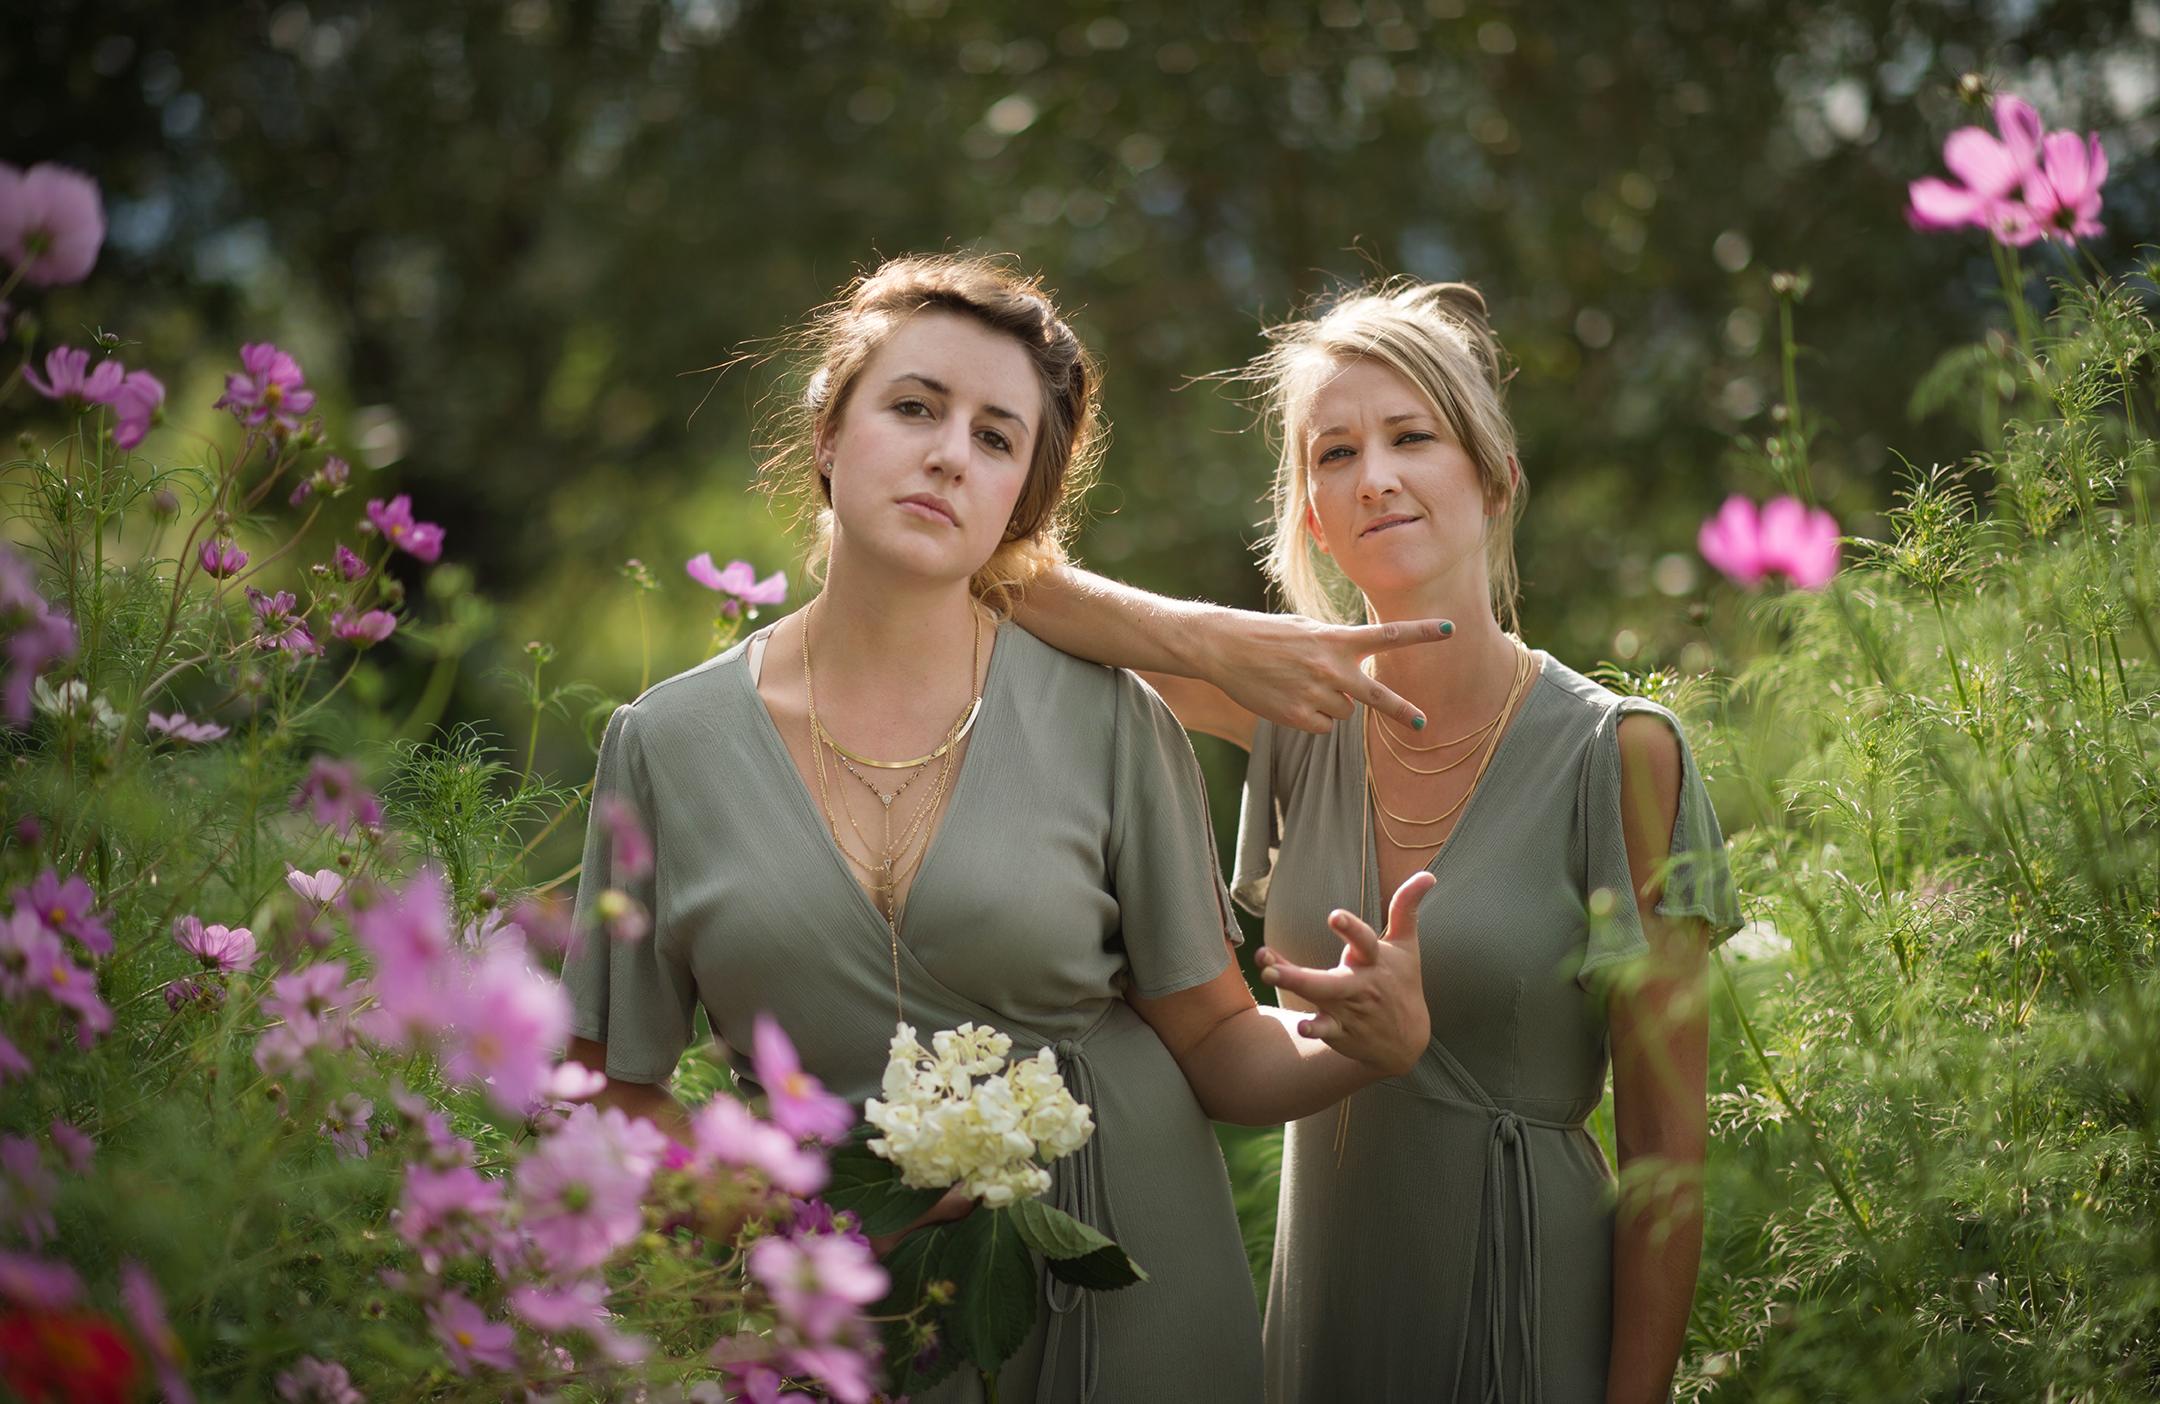 Wedding2018_009.jpg